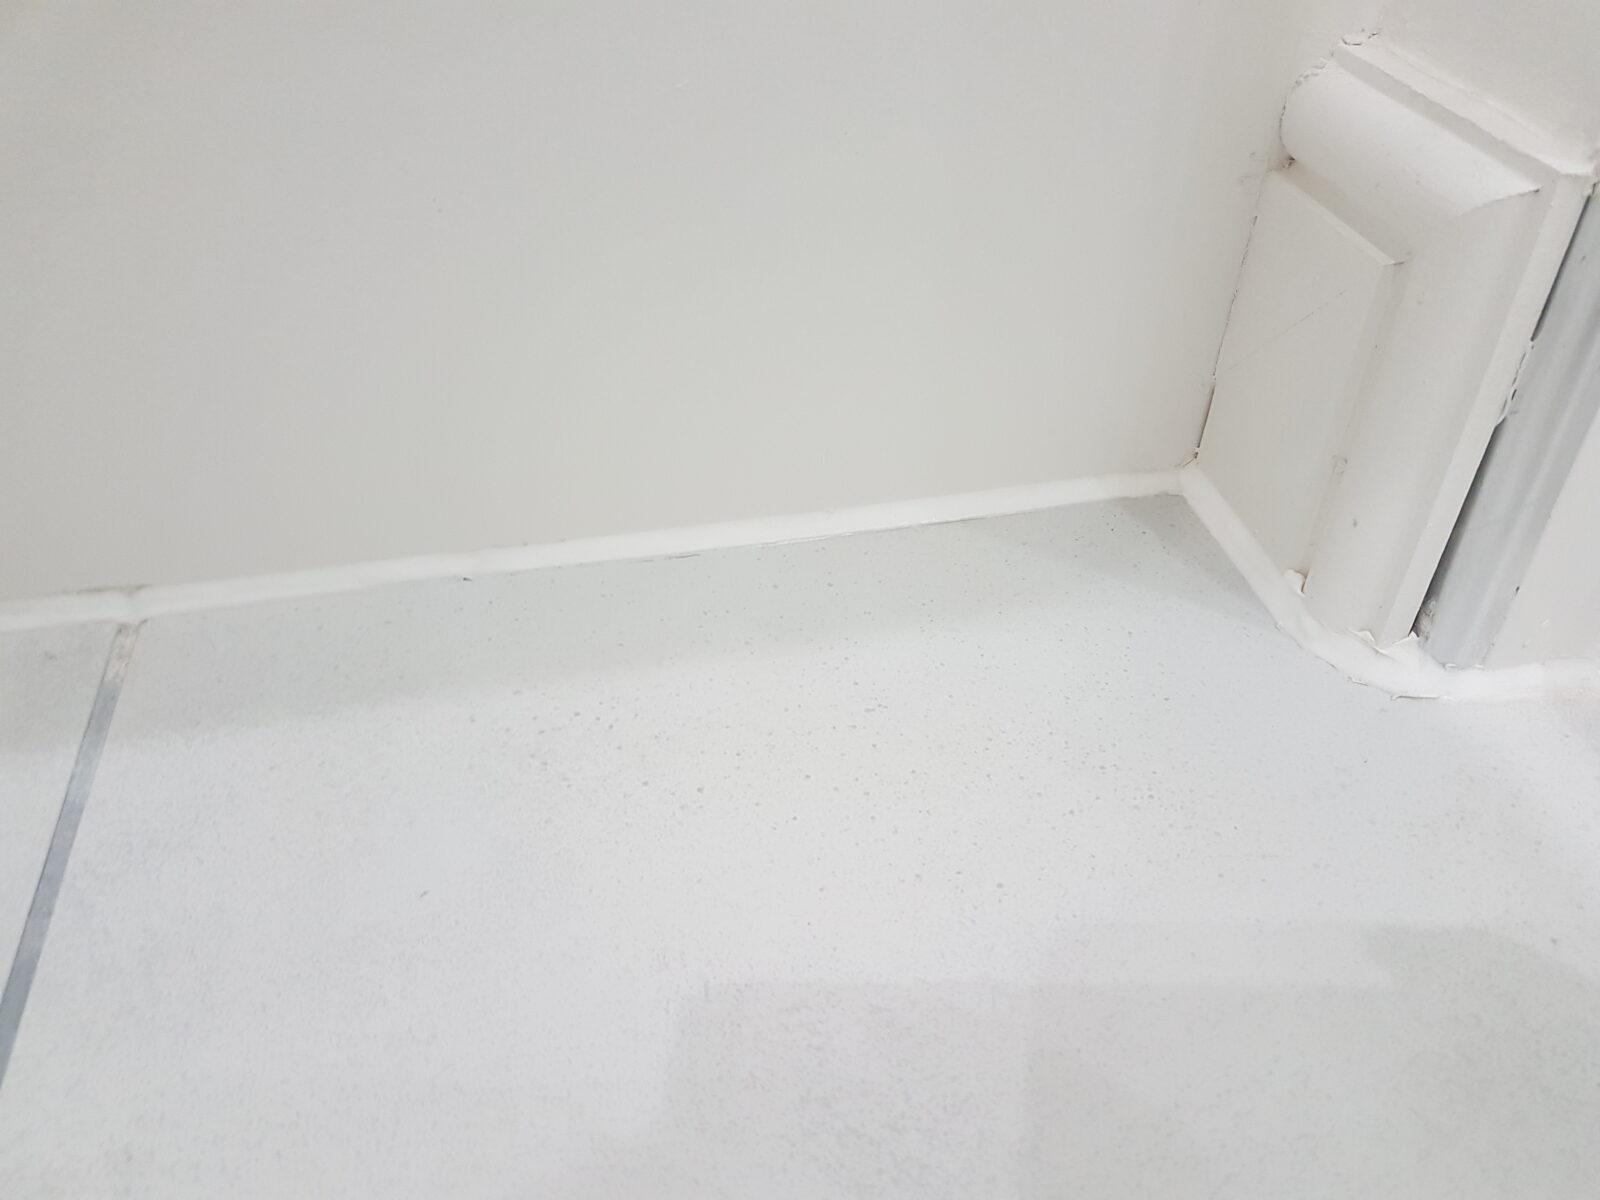 cracked bathroom wall tile repair